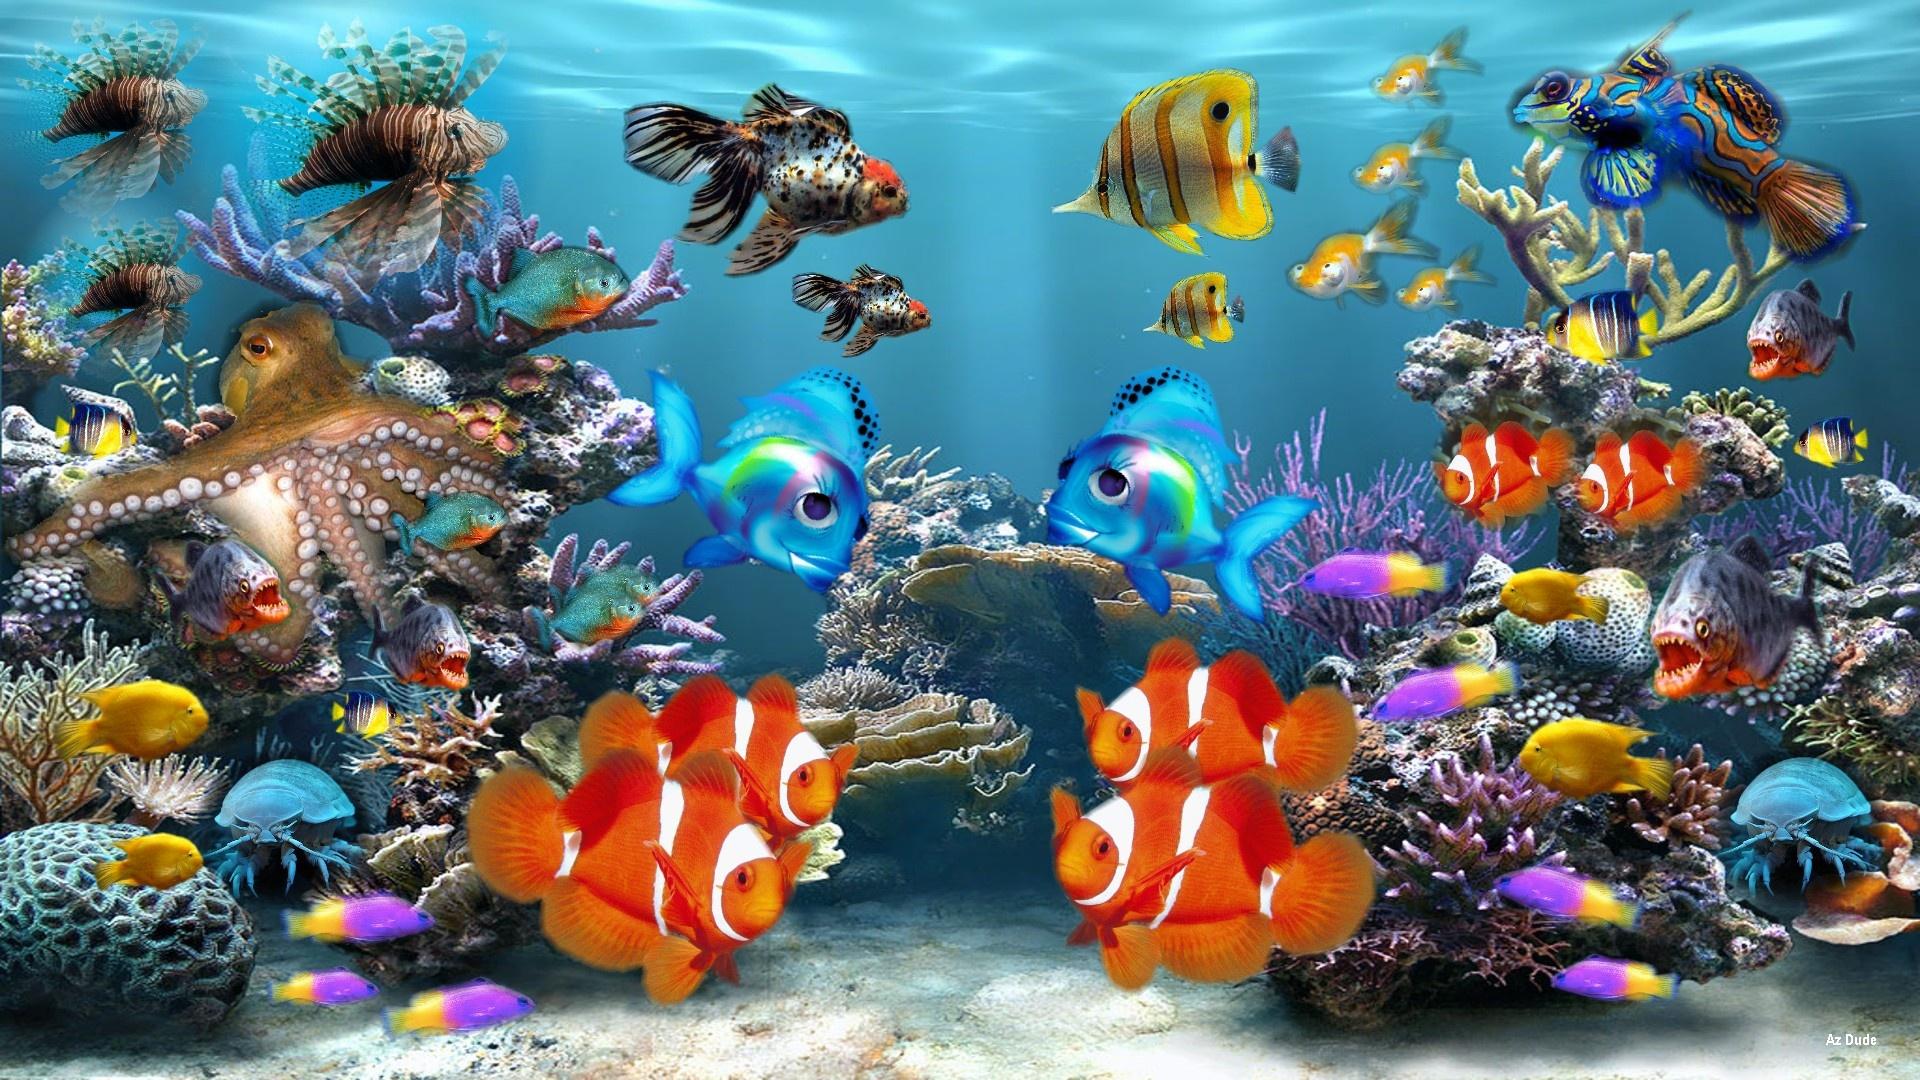 Fish in aquarium desktop wallpaper - Aquarium Wallpaper 1920x1080 Full Hd Wallpapers Aquarium Desktop